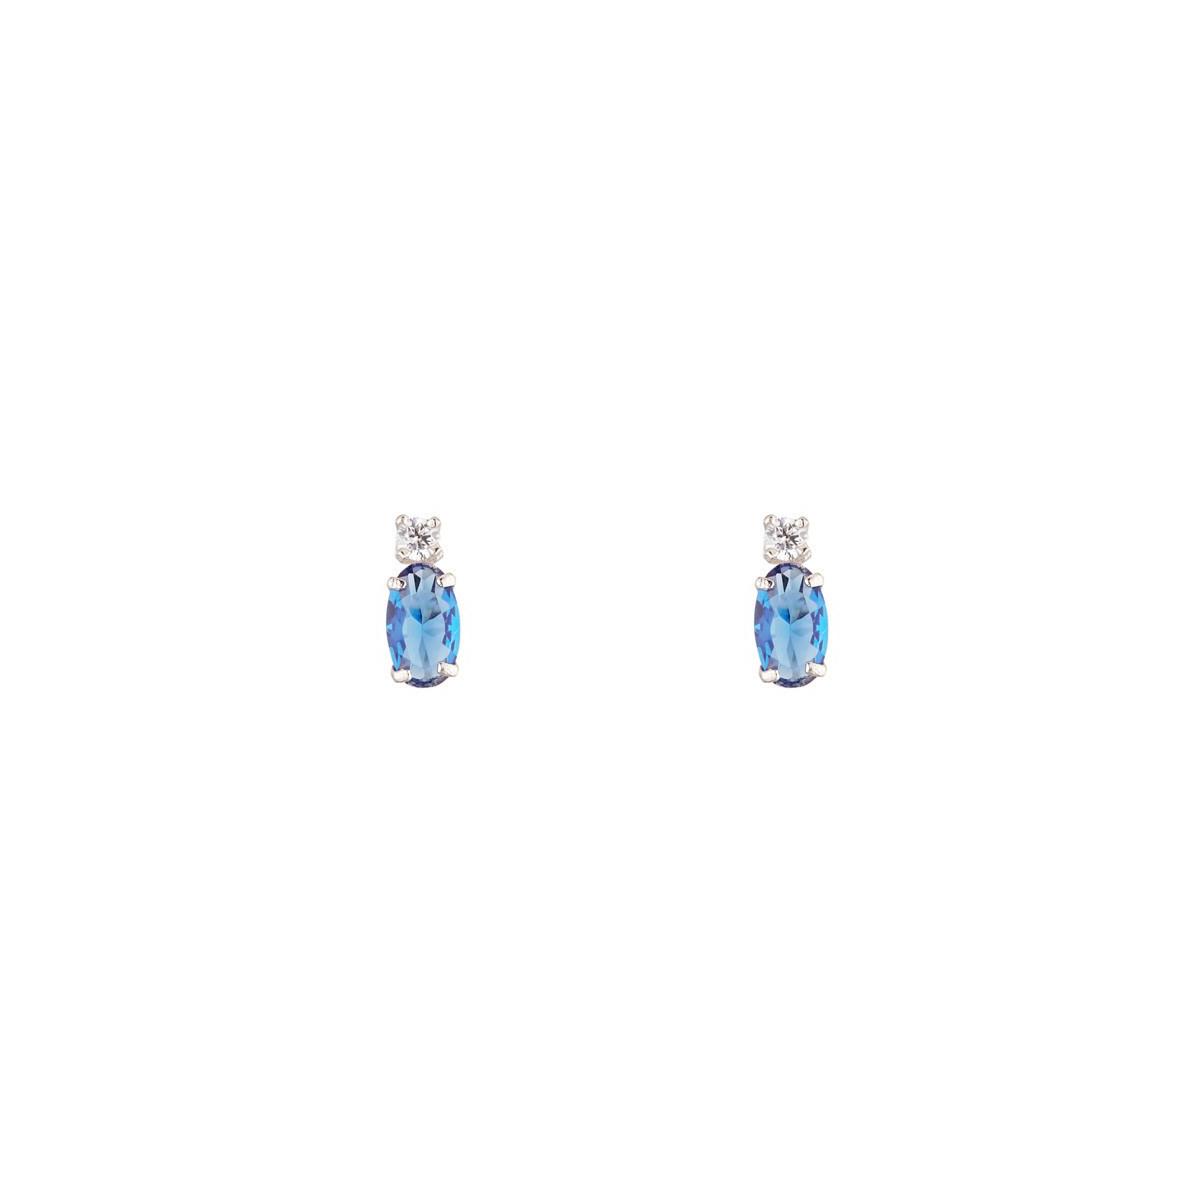 Boucles d'oreilles femme puce Or Blanc 375 et Saphir